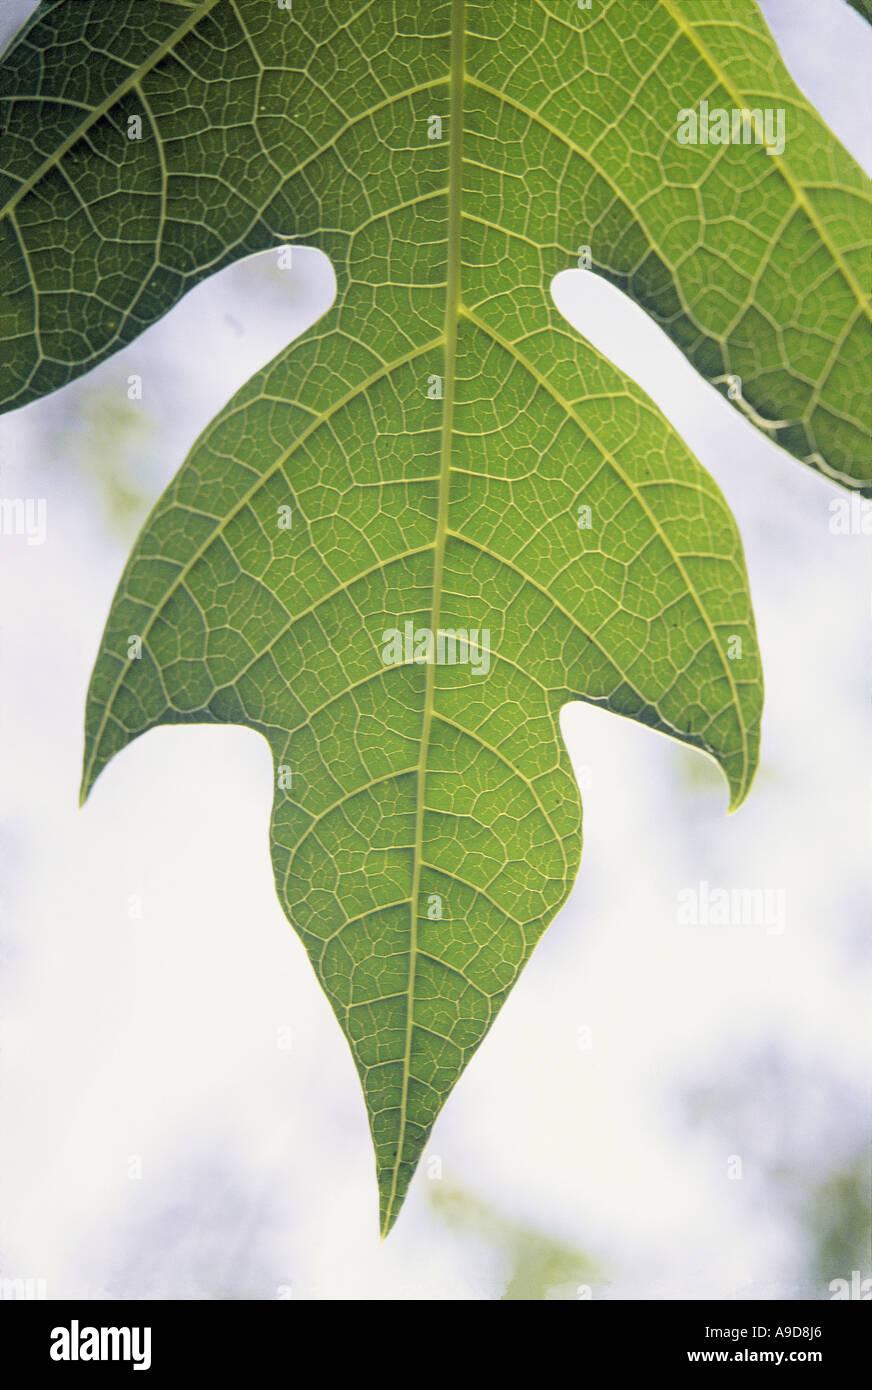 MBT77035 Fresh green color Papaya fruit tree leaf shaped like a ...